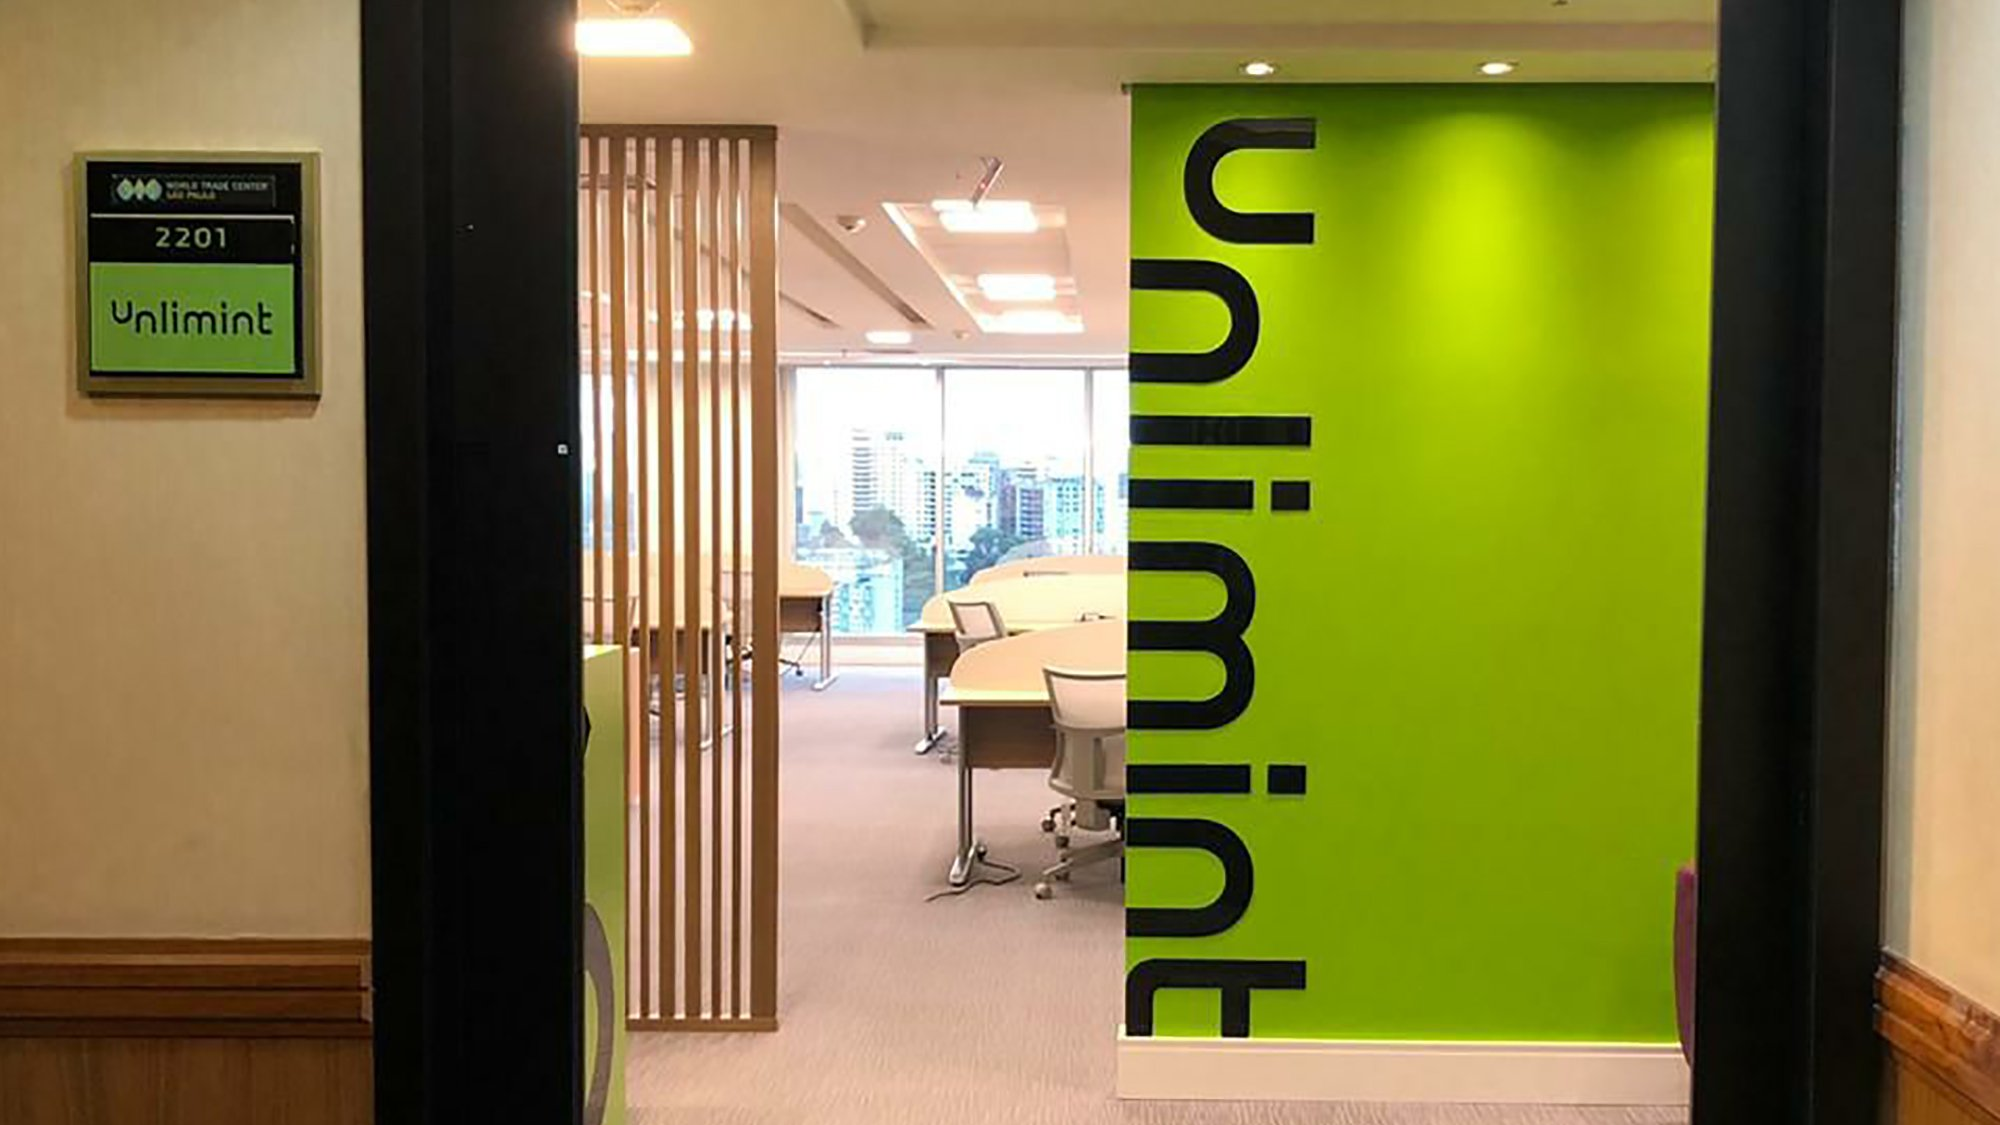 Unlimint's Brazil office